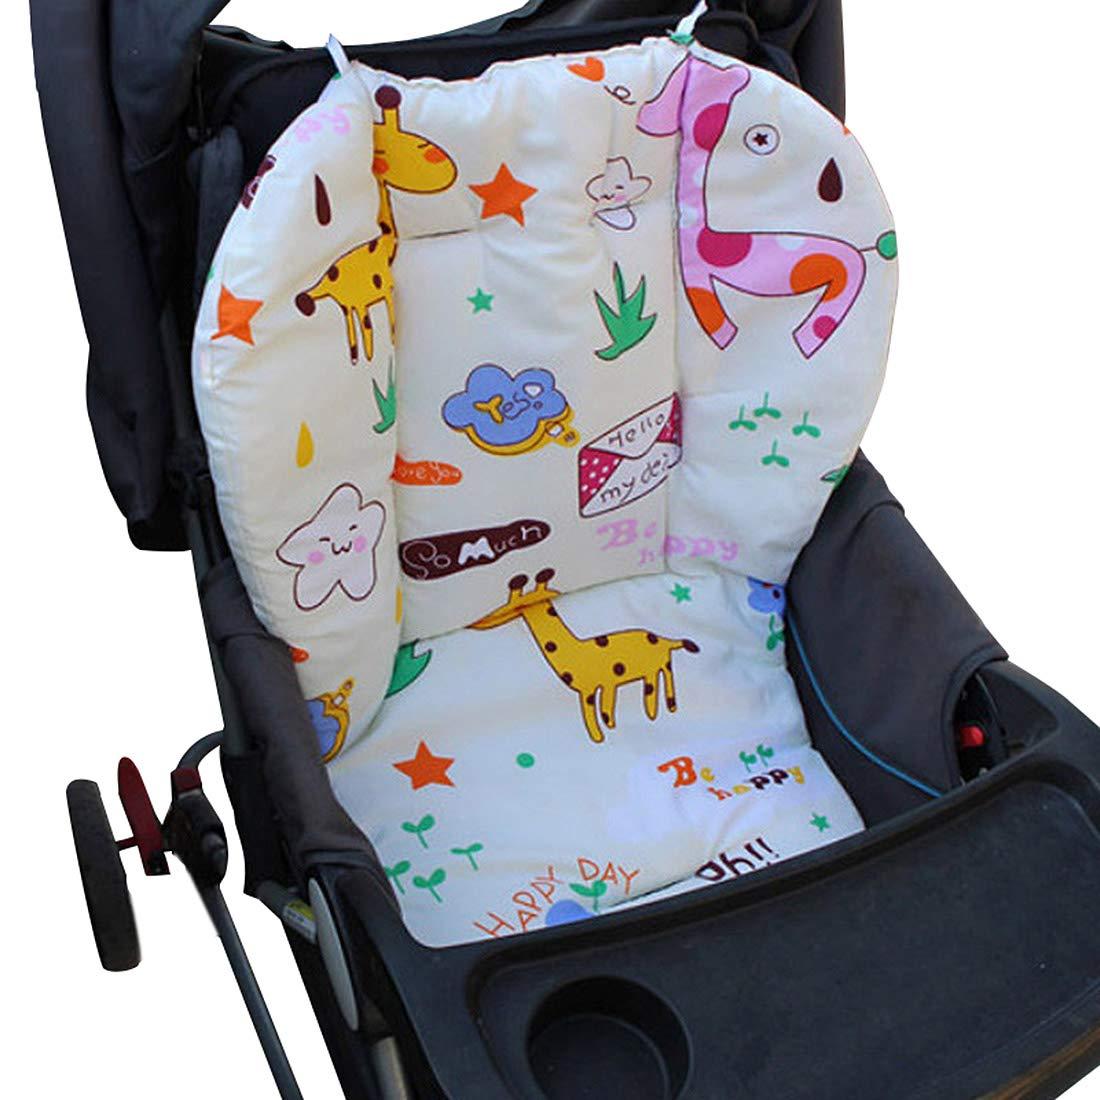 Colchoneta Universal para Silla de Paseo Cochecito Trona de Bebé, Cojín de Algodón Asiento para Bebé Niños Impresión de Dibujos Animados #1